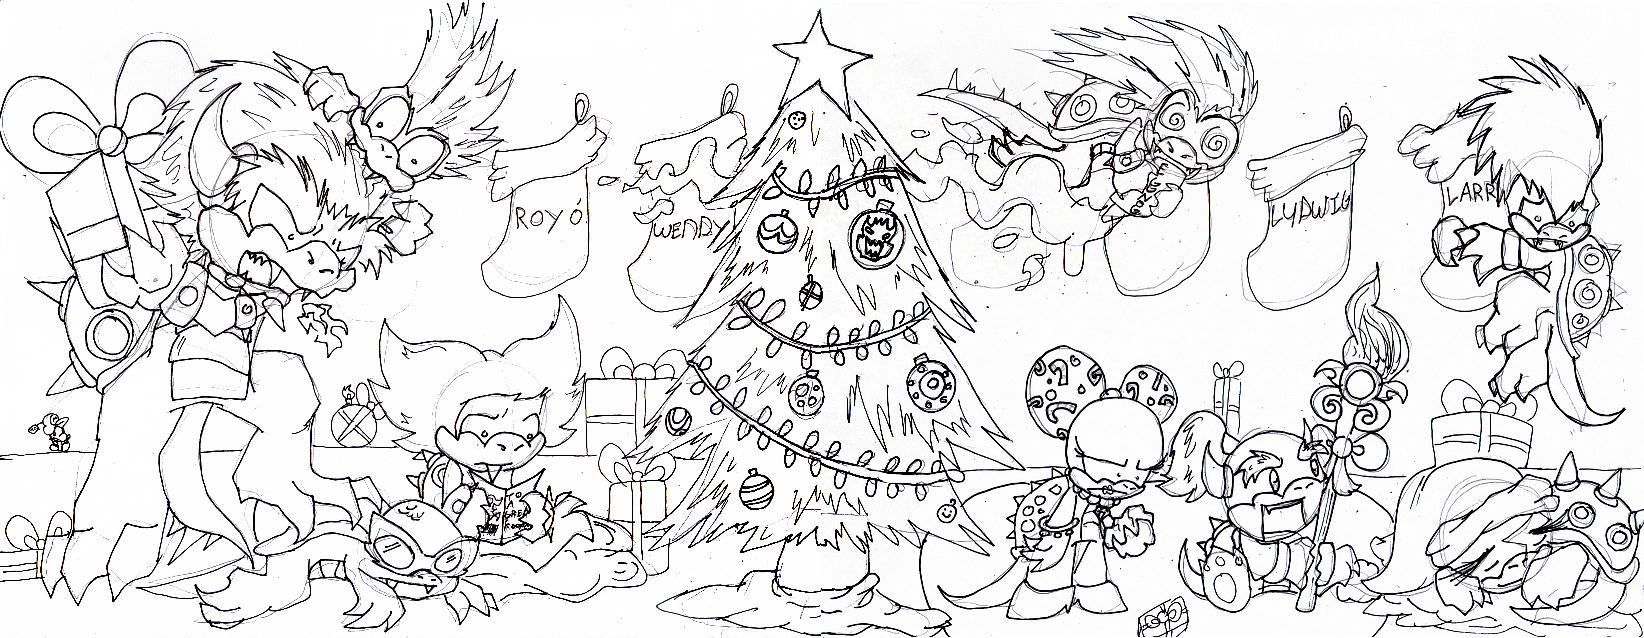 Merry Christmas Koopa Kids By Metamorro